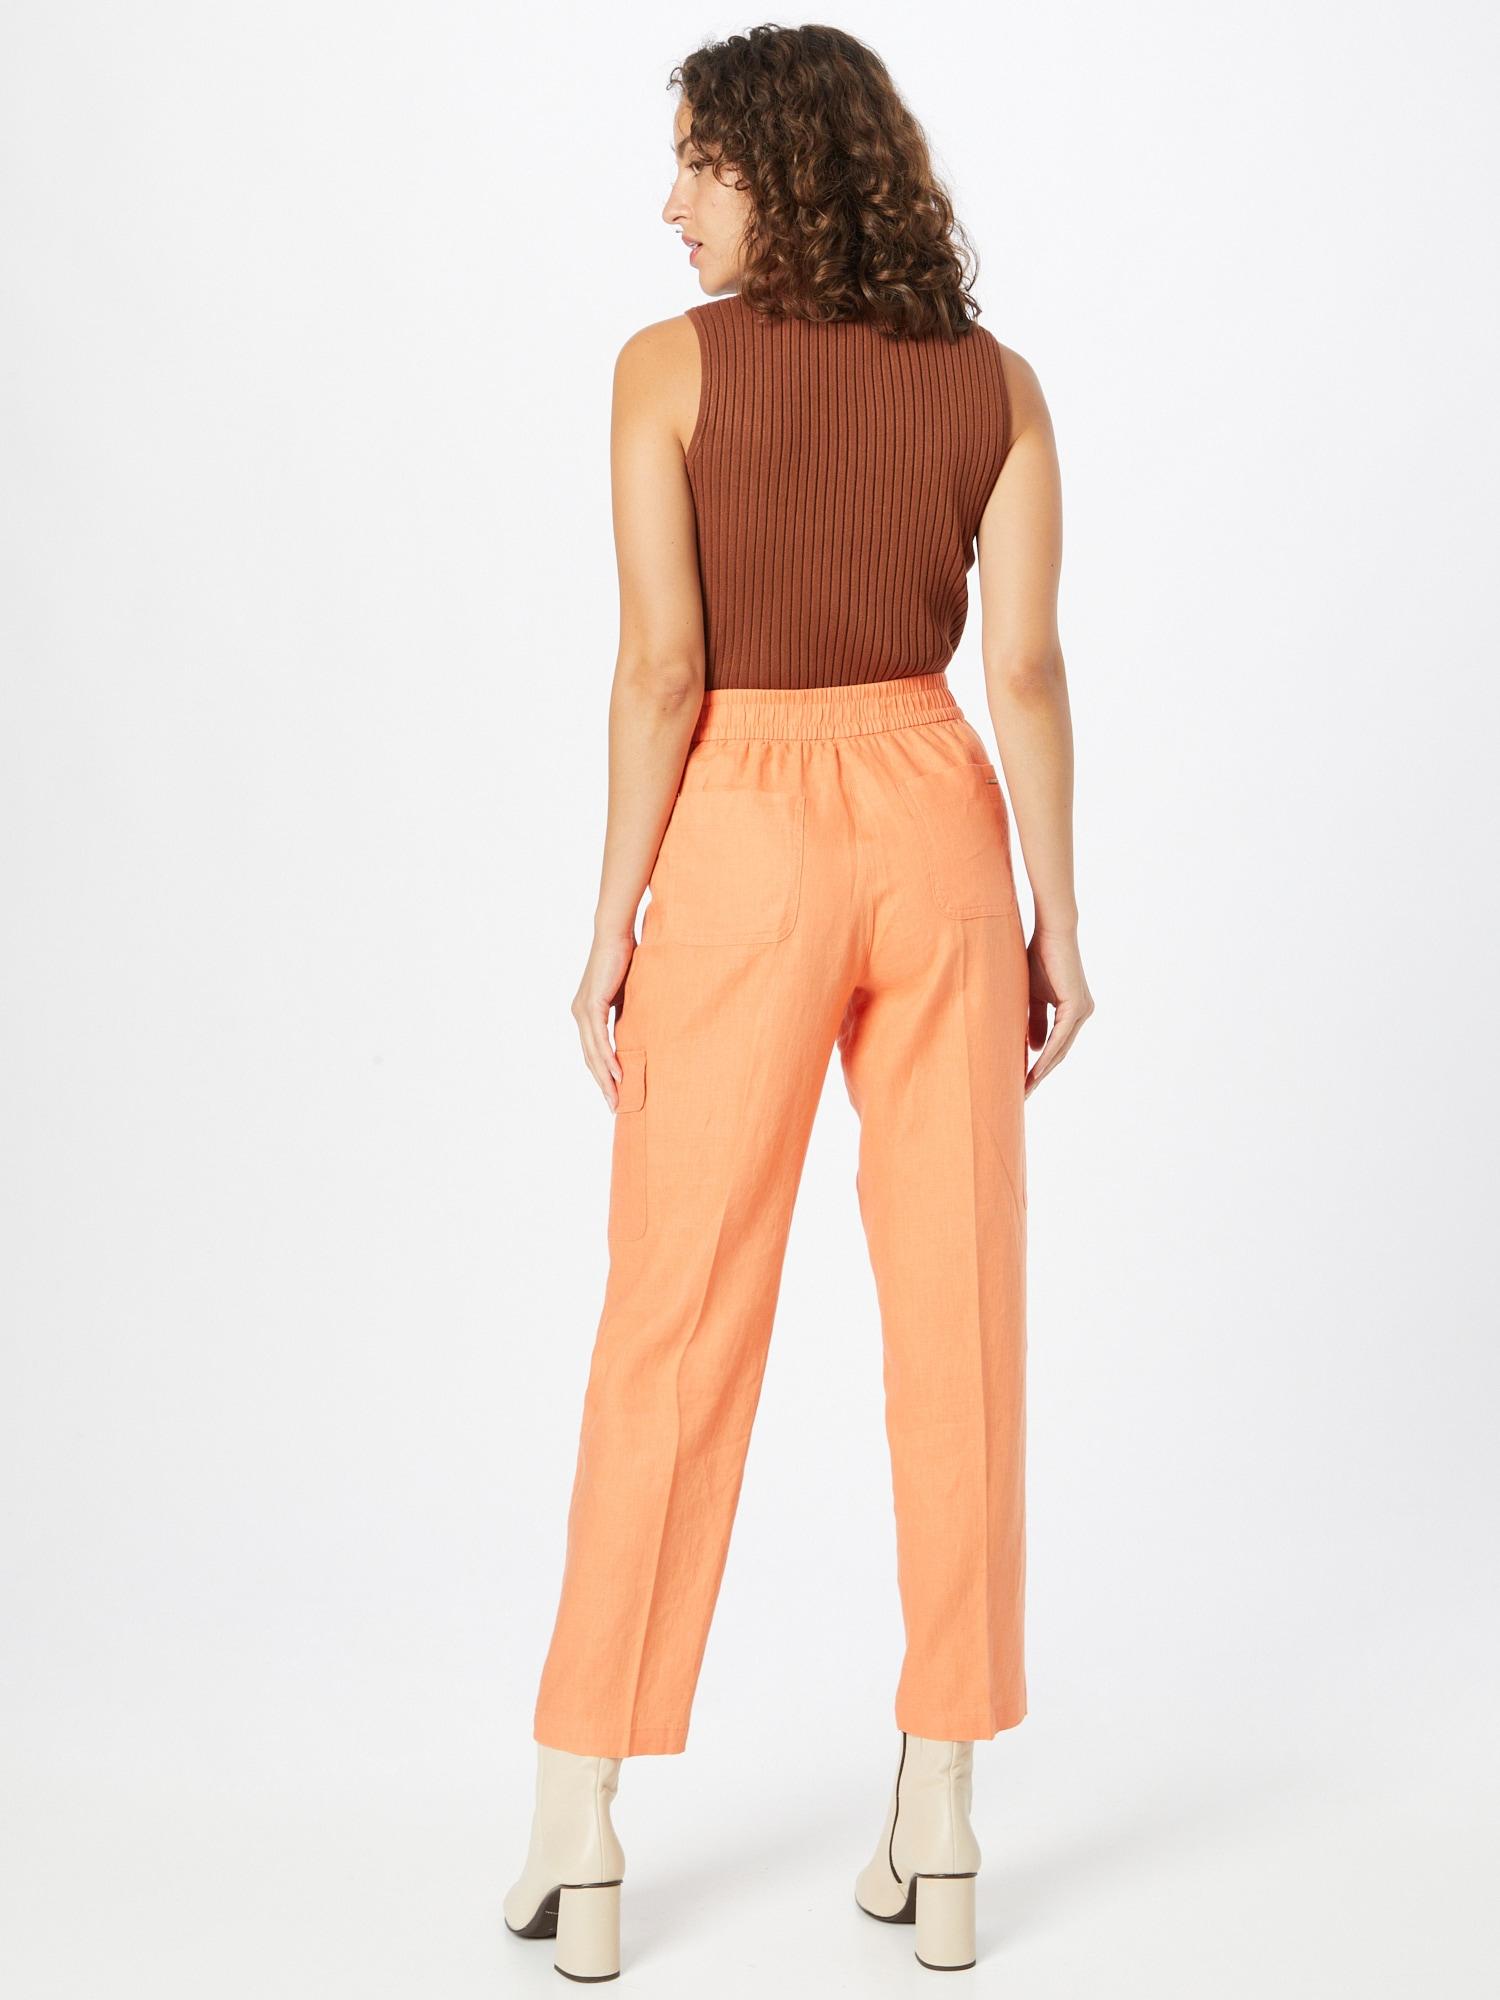 TAIFUN Nohavice  oranžová dámské 40